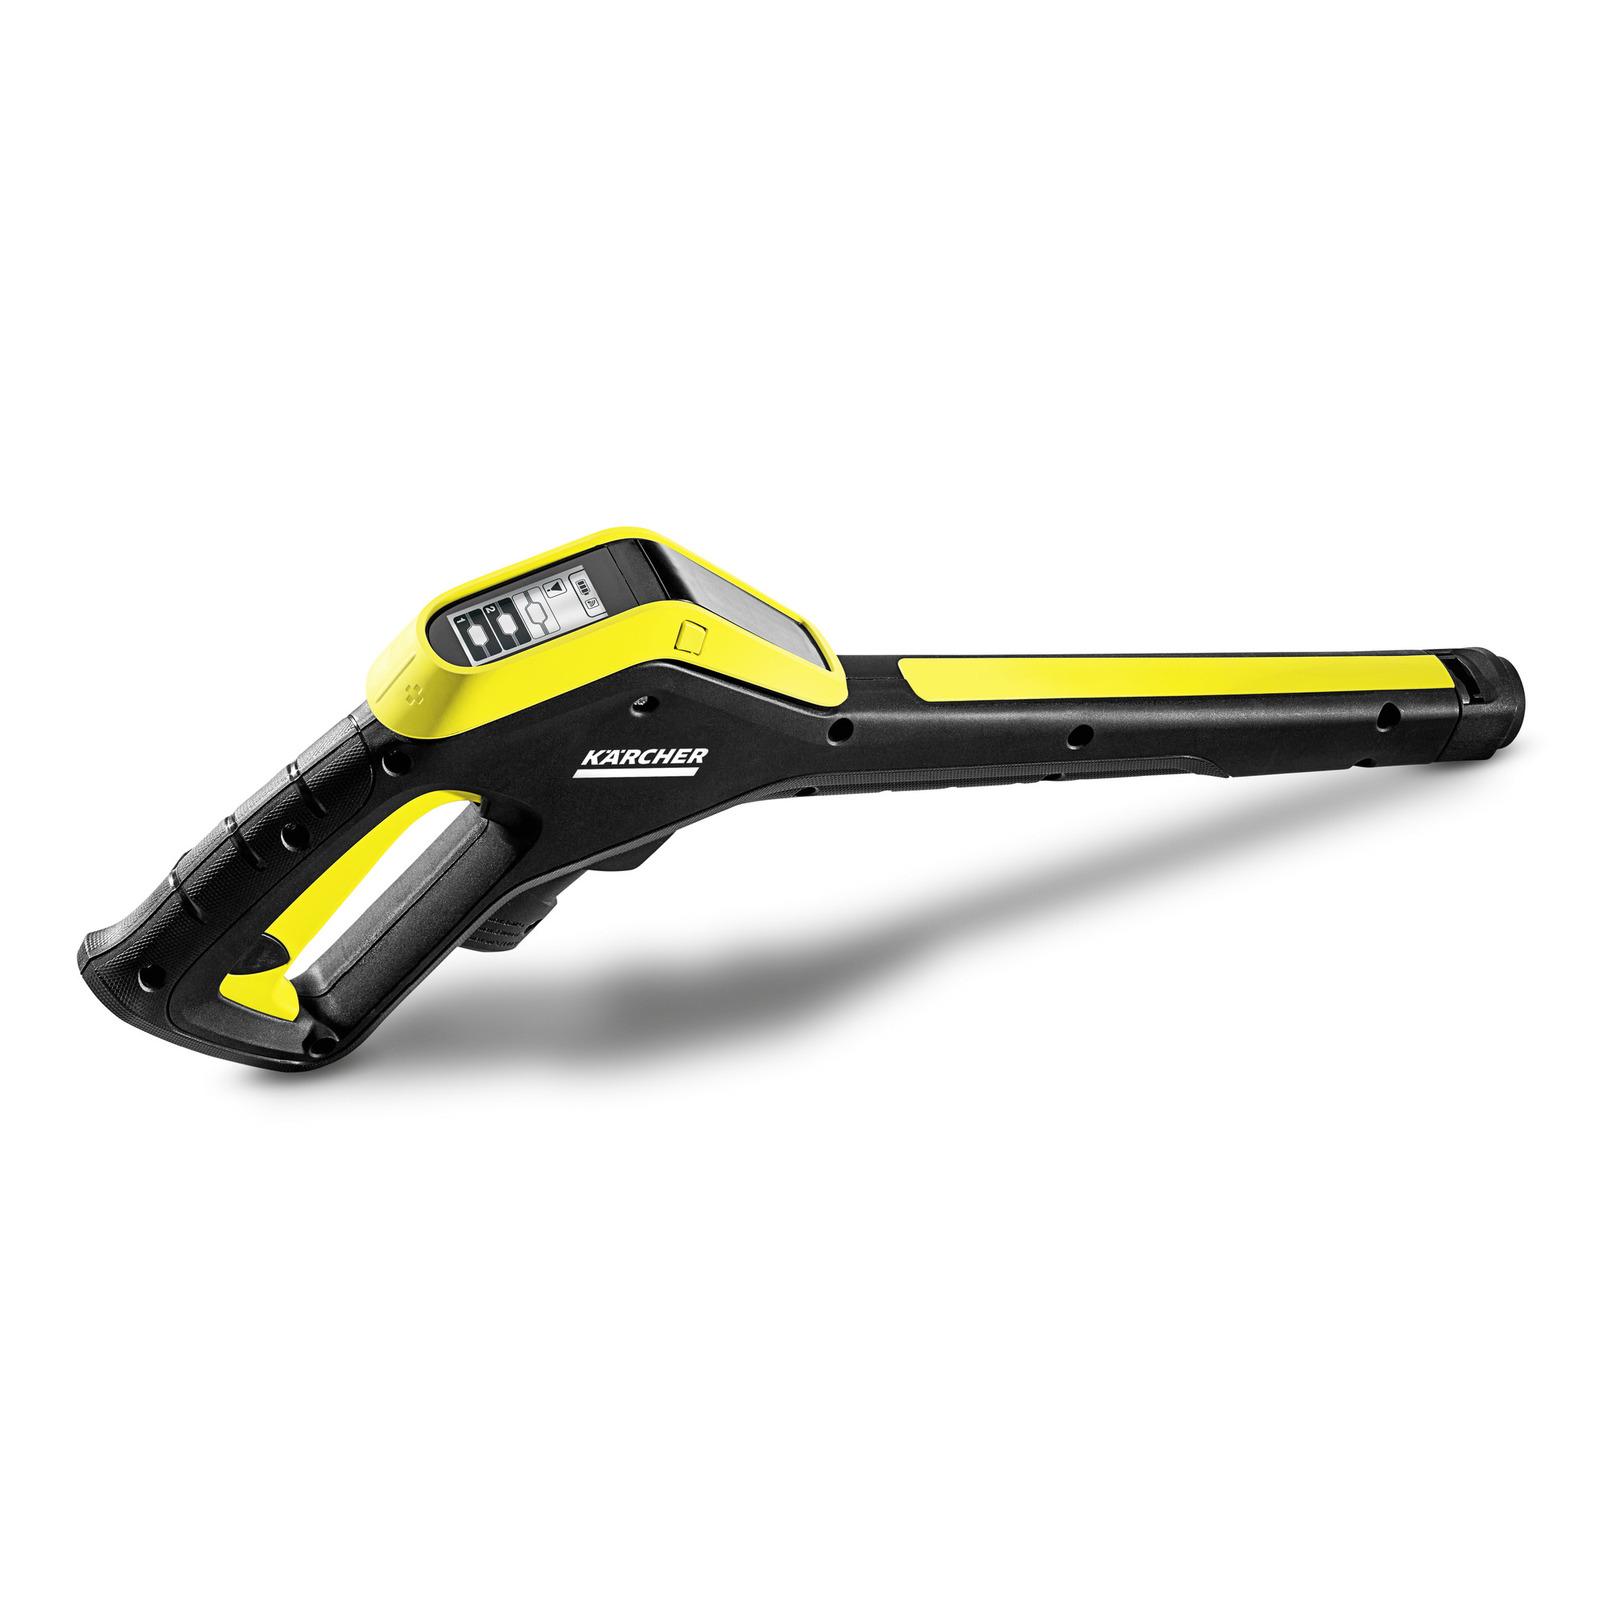 D/'Origine Karcher G145 Q Contrôle Complet Nettoyeur haute pression Pistolet K4 26436340